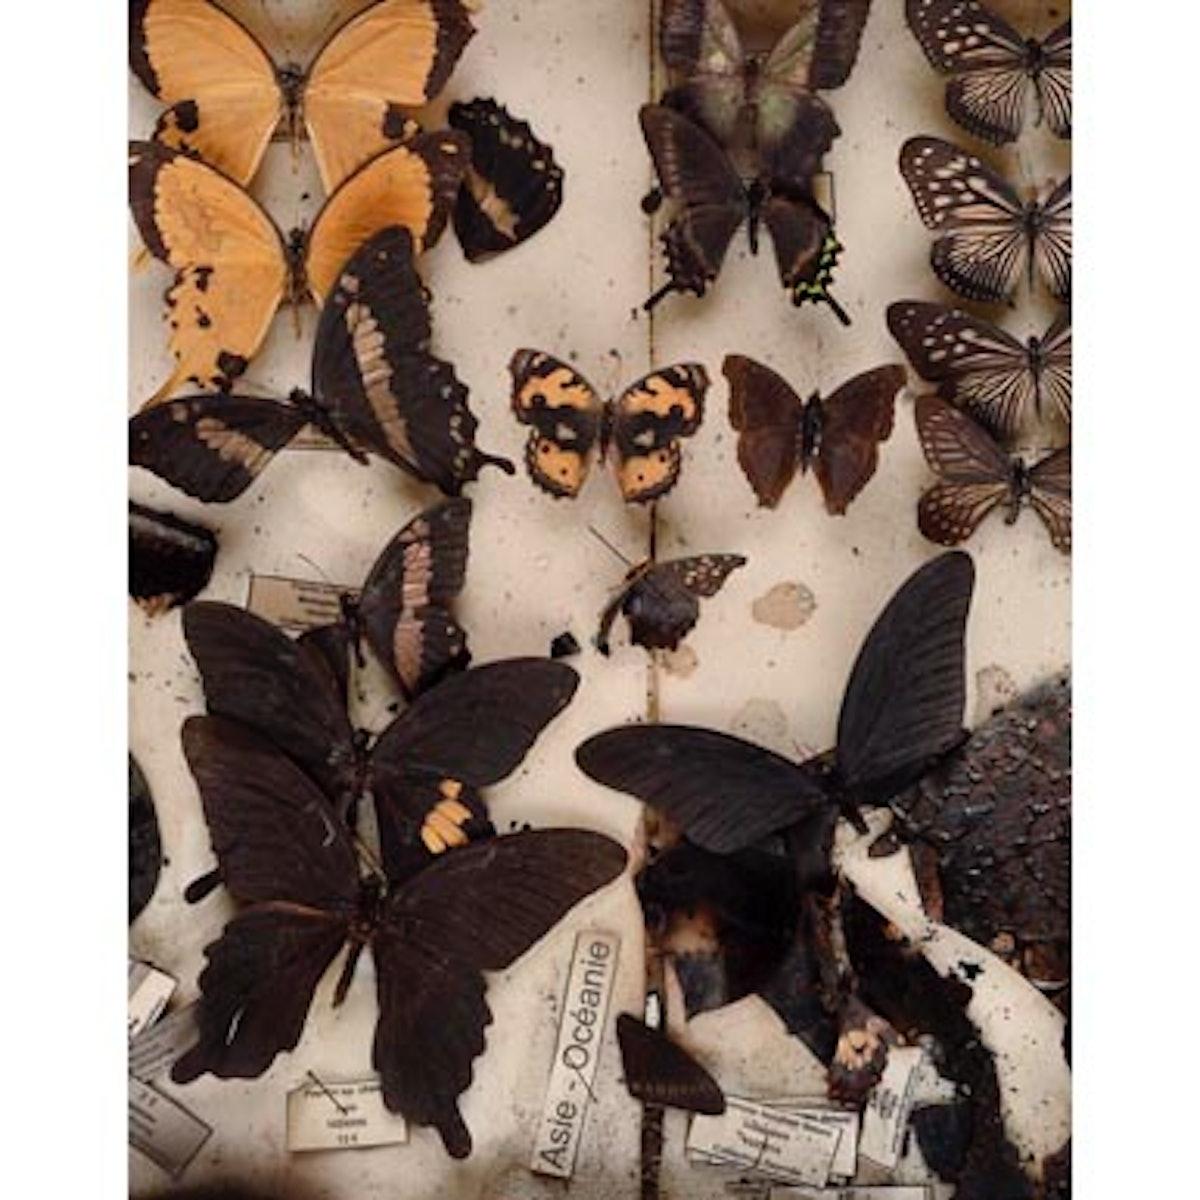 blog_deyrolles_butterflies.jpg